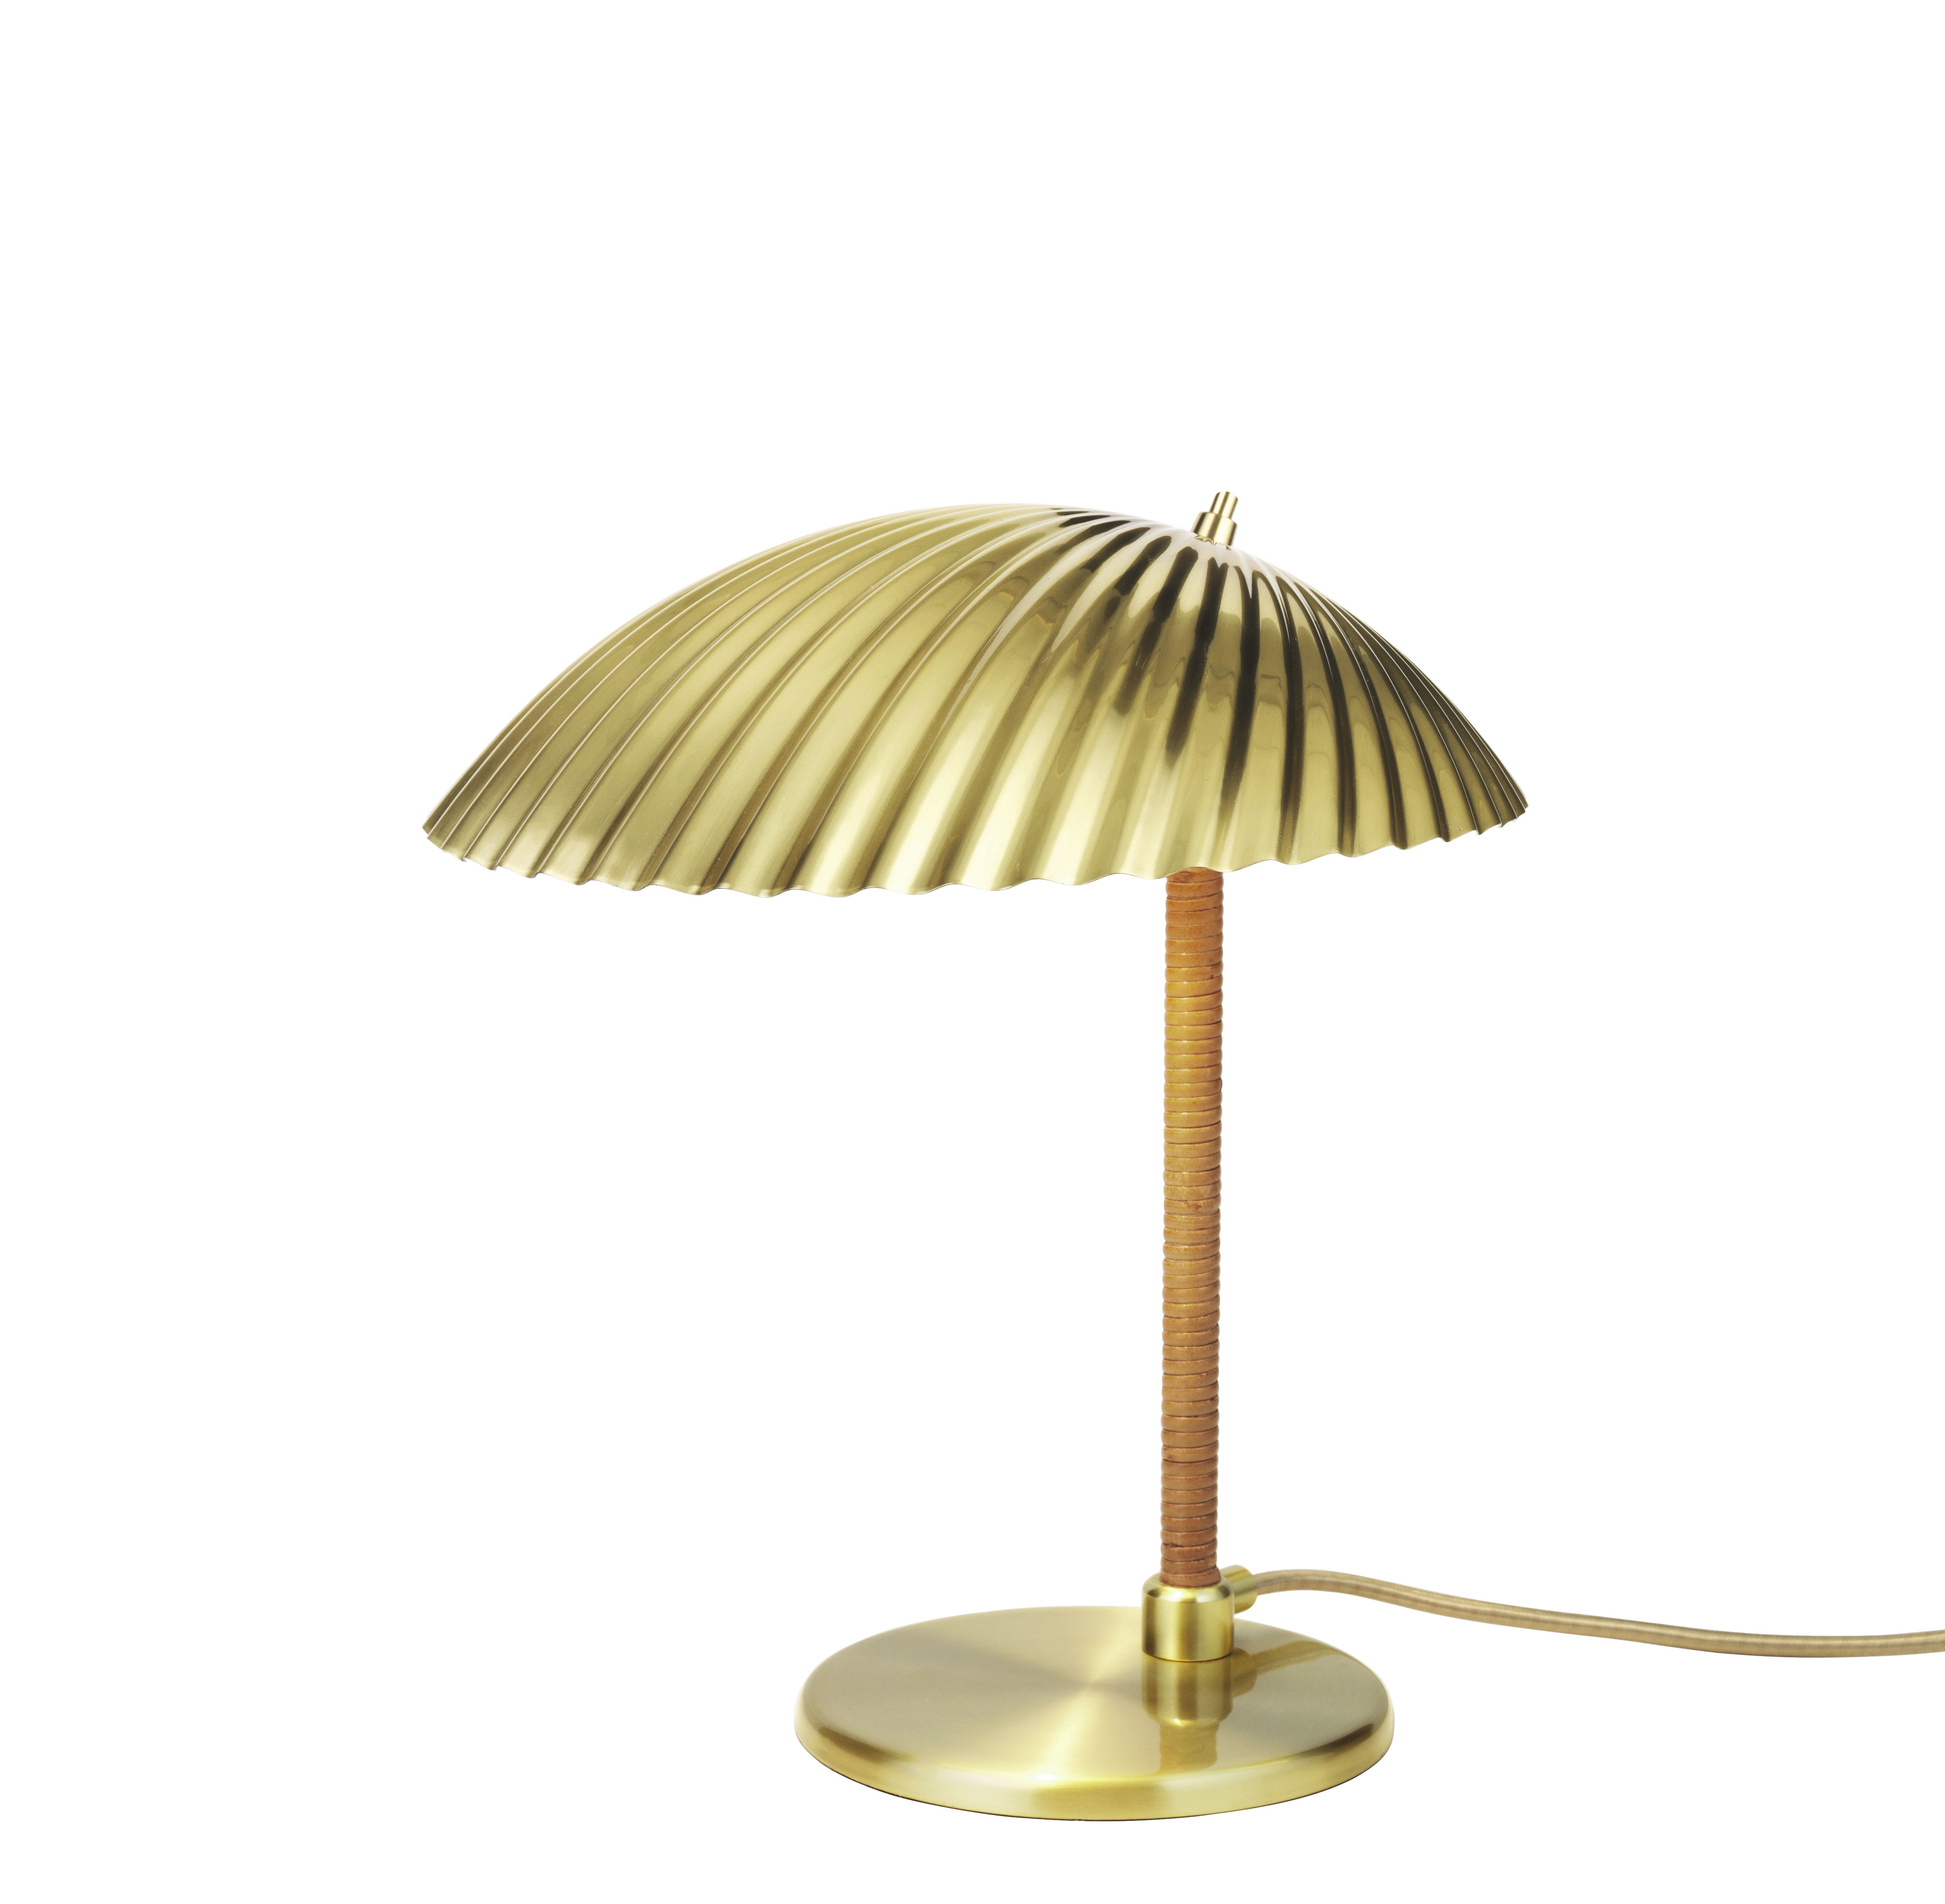 Luminaire - Lampes de table - Lampe de table 5321 / Réédition 1938 - Laiton - Gubi - Laiton - Laiton, Textile